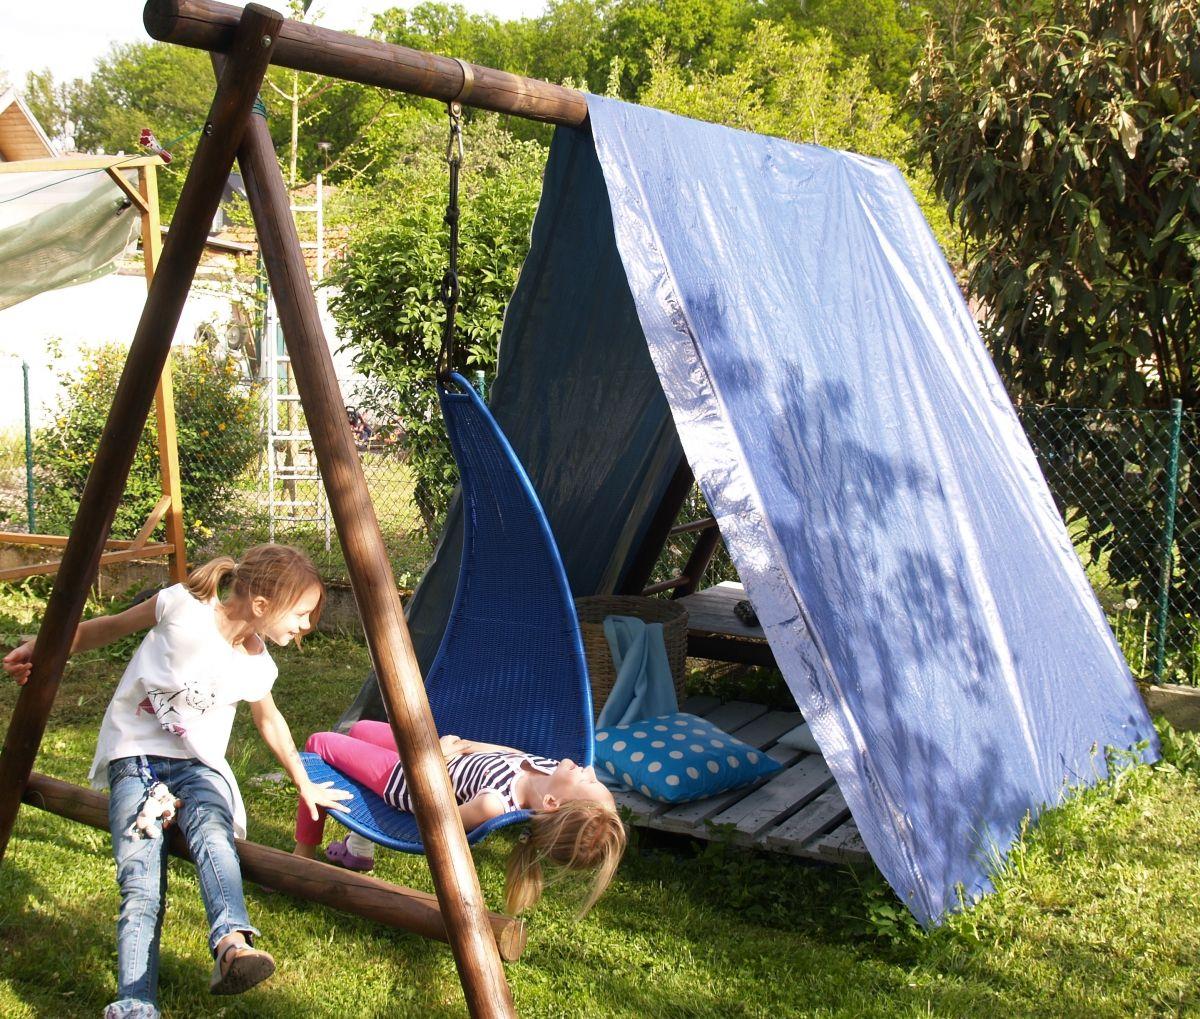 Delightful Ideen Für Den Garten Die Deine Kinder Lieben Werden